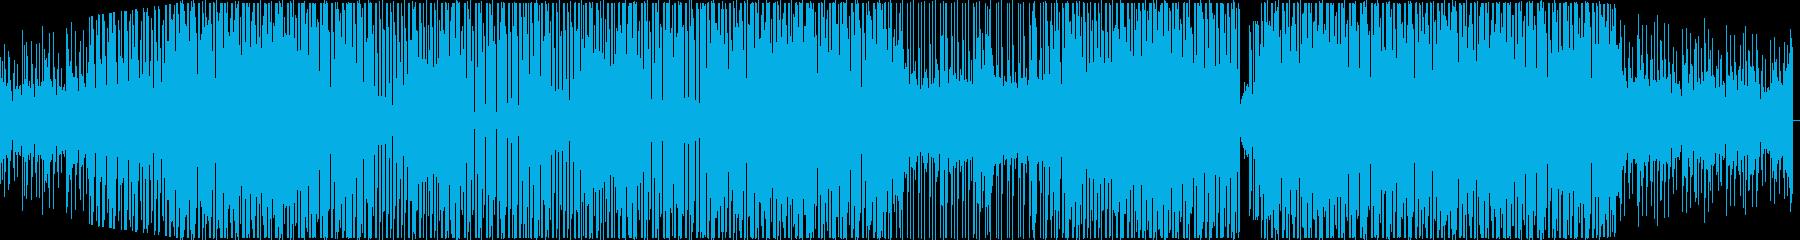 明るく楽しい気分を盛り上げてくれるEDMの再生済みの波形